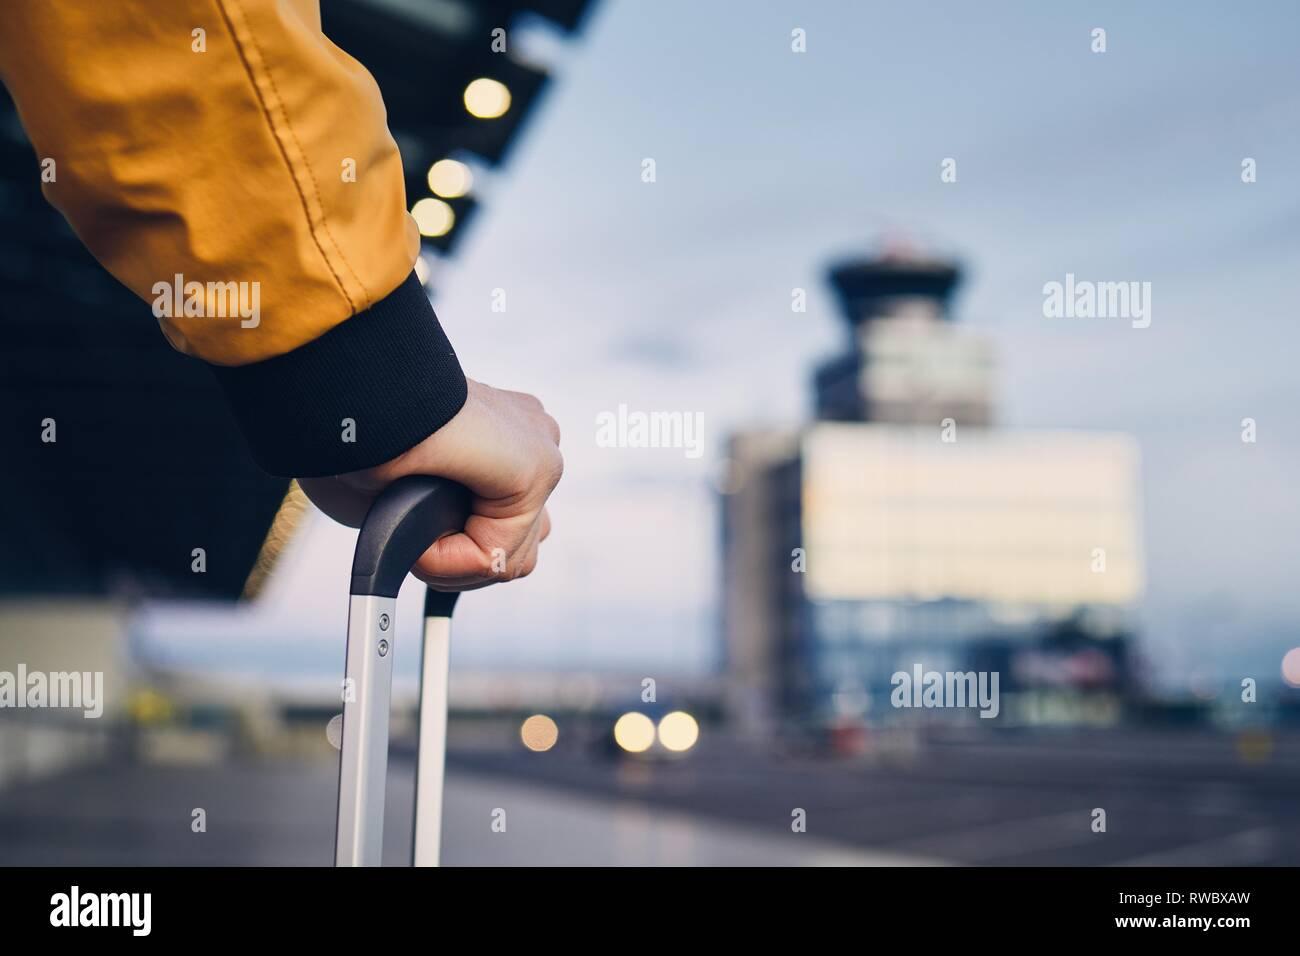 Mano del joven hombre sujetando el equipaje contra la terminal del aeropuerto. Foto de stock